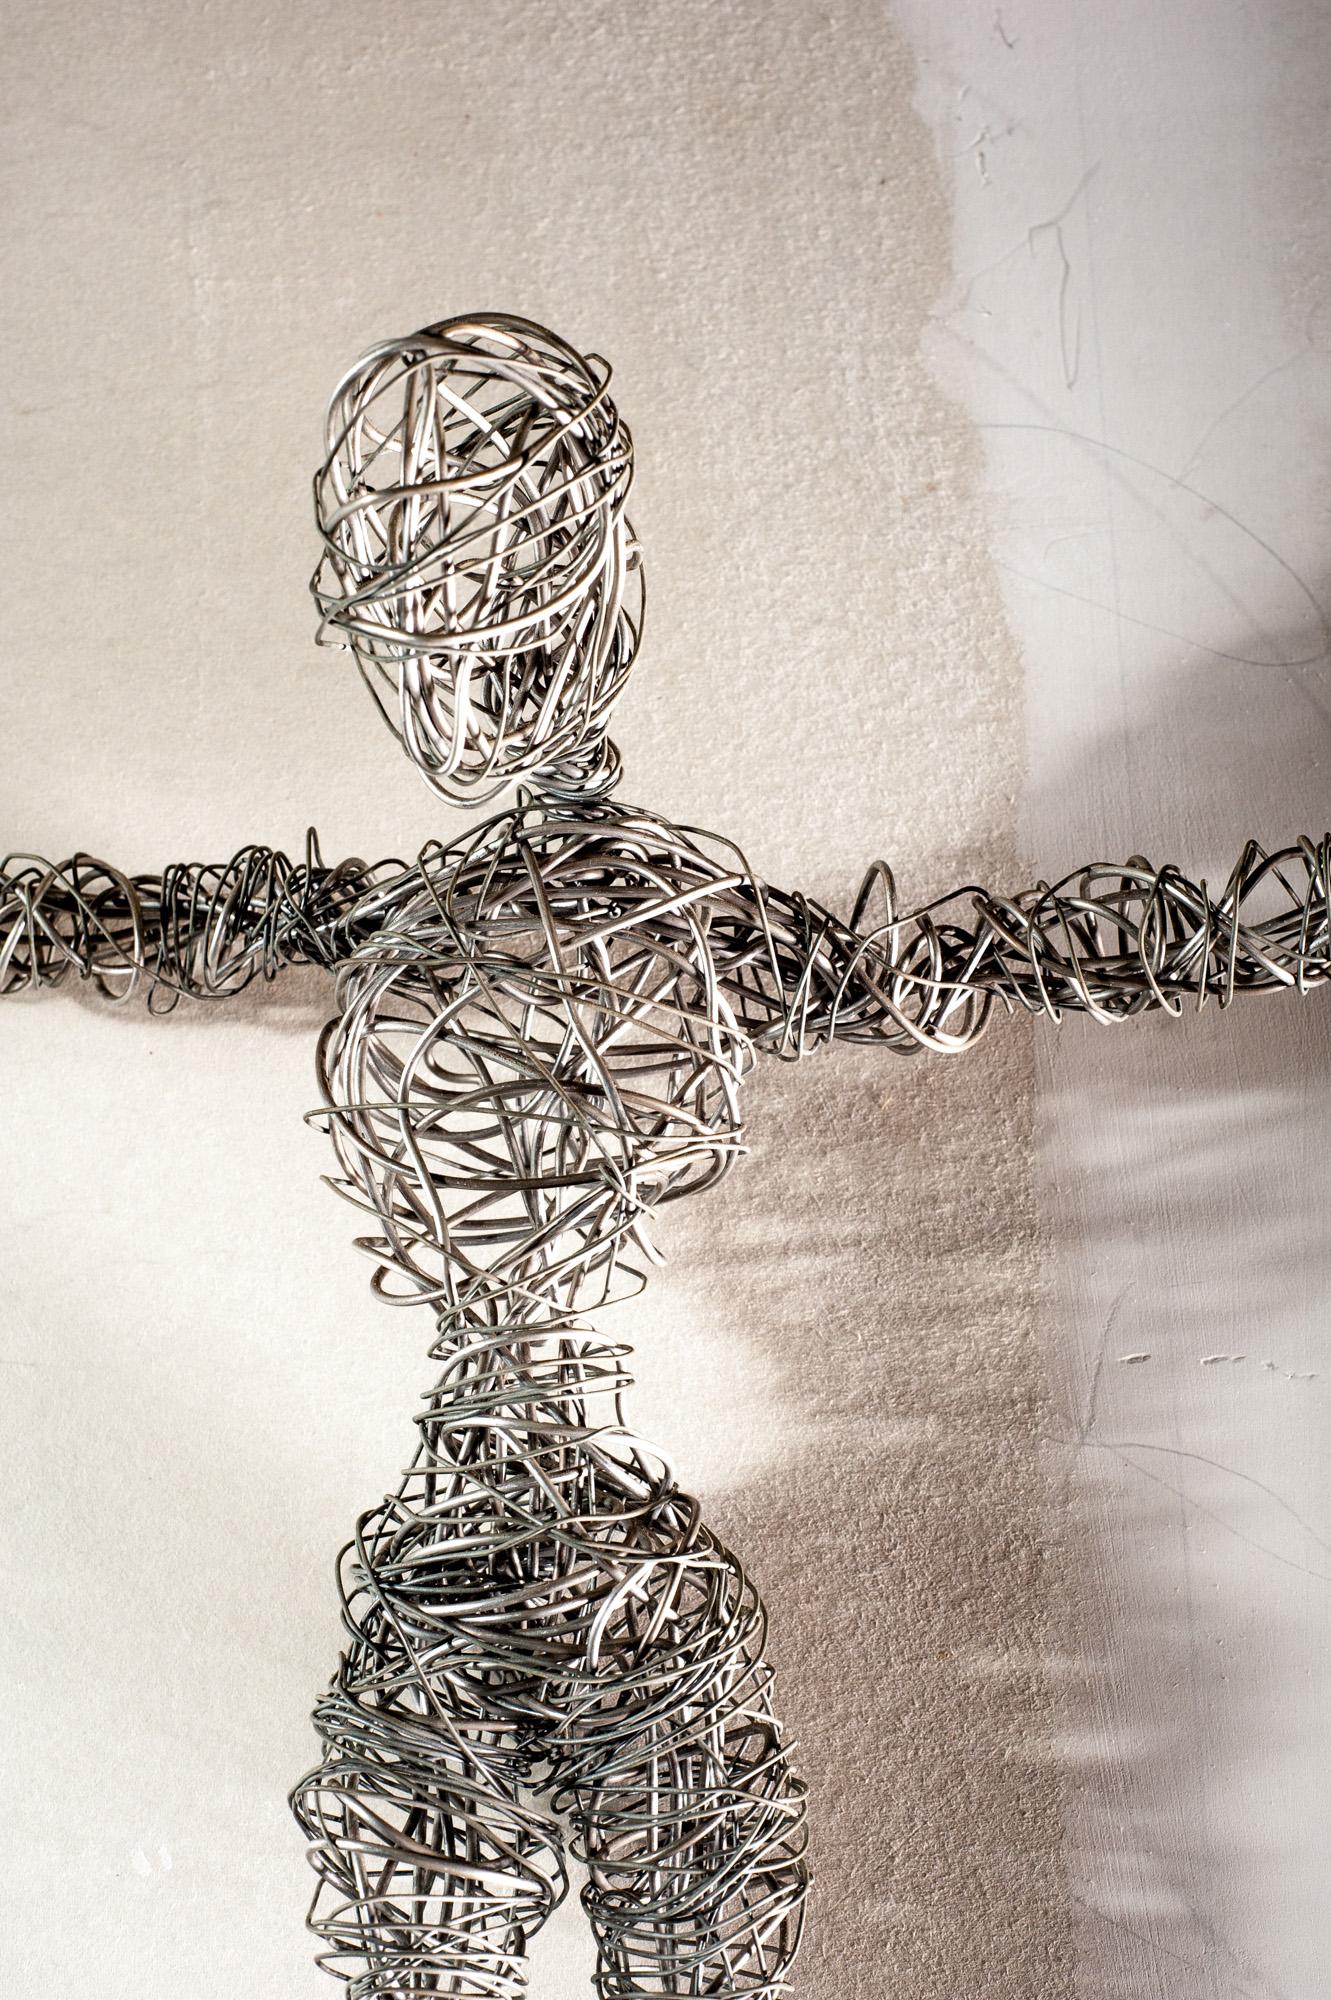 glenn sculptures (27 of 27).jpg